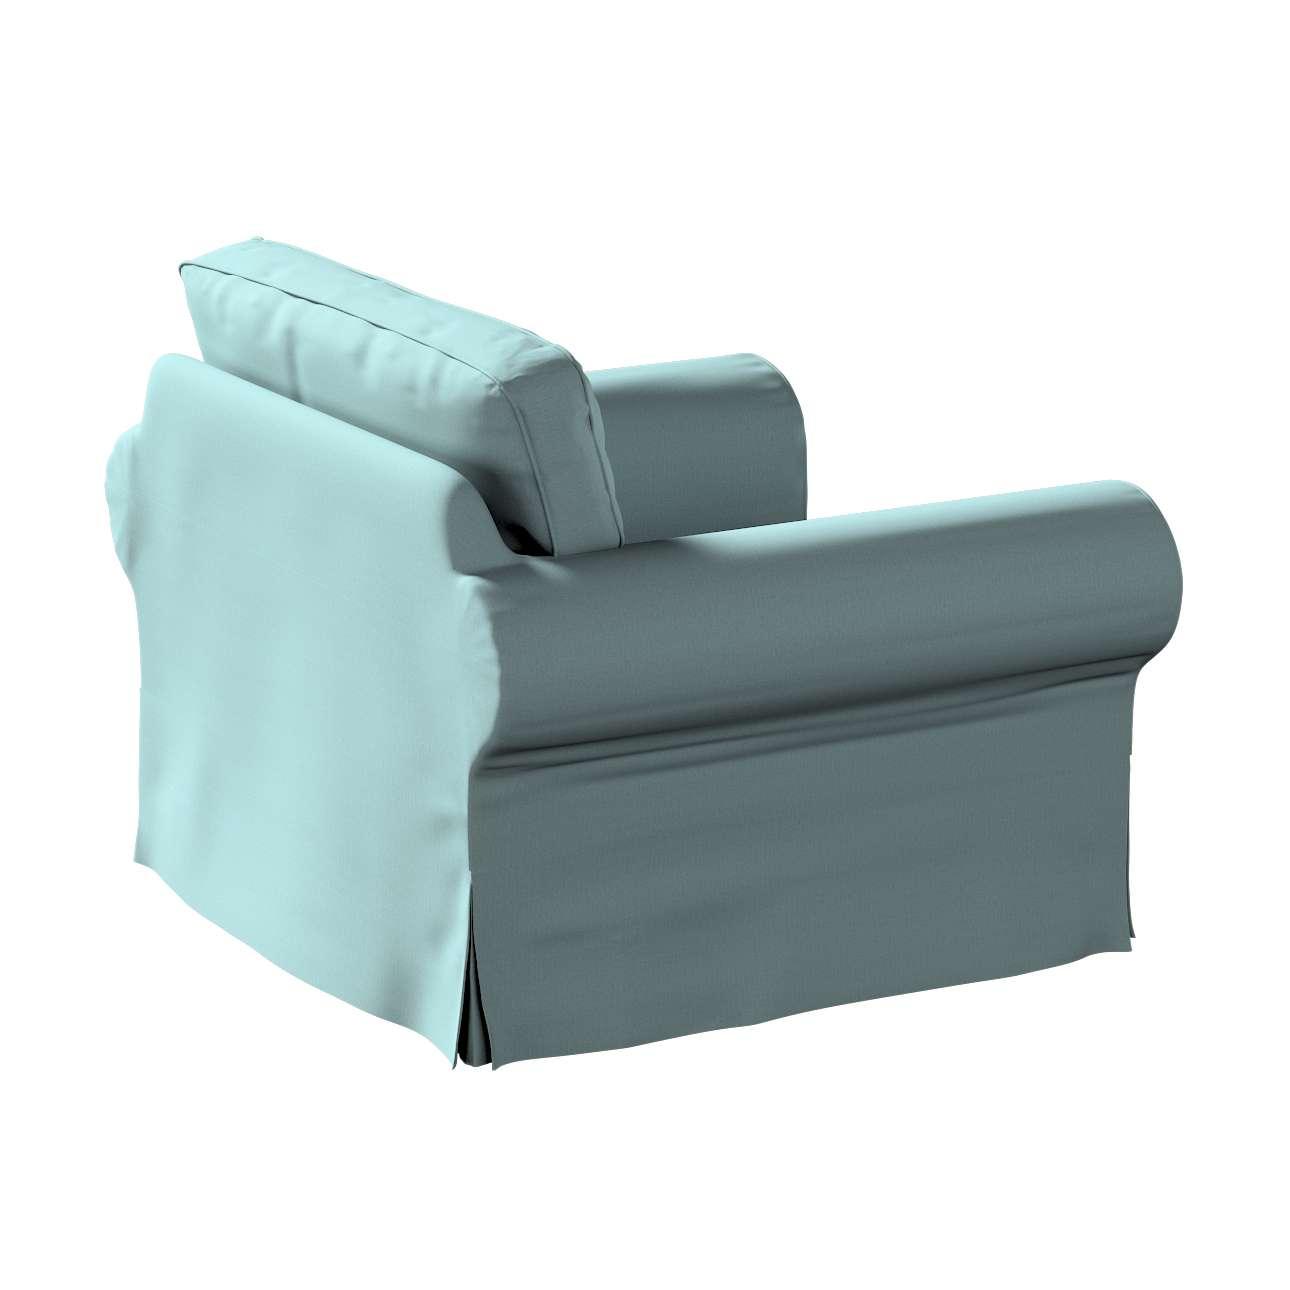 Pokrowiec na fotel Ektorp w kolekcji Cotton Panama, tkanina: 702-40